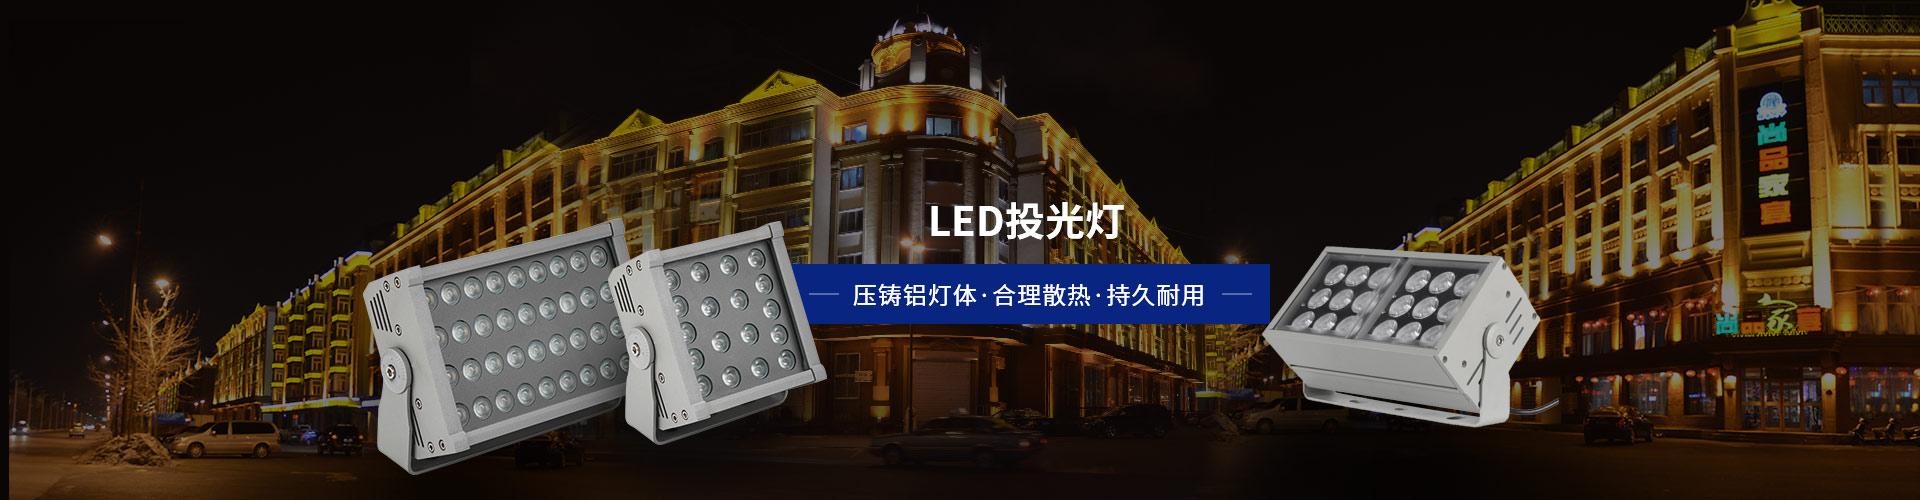 亮丽龙-LED投光灯  压铸铝灯体,合理散热,持久耐用